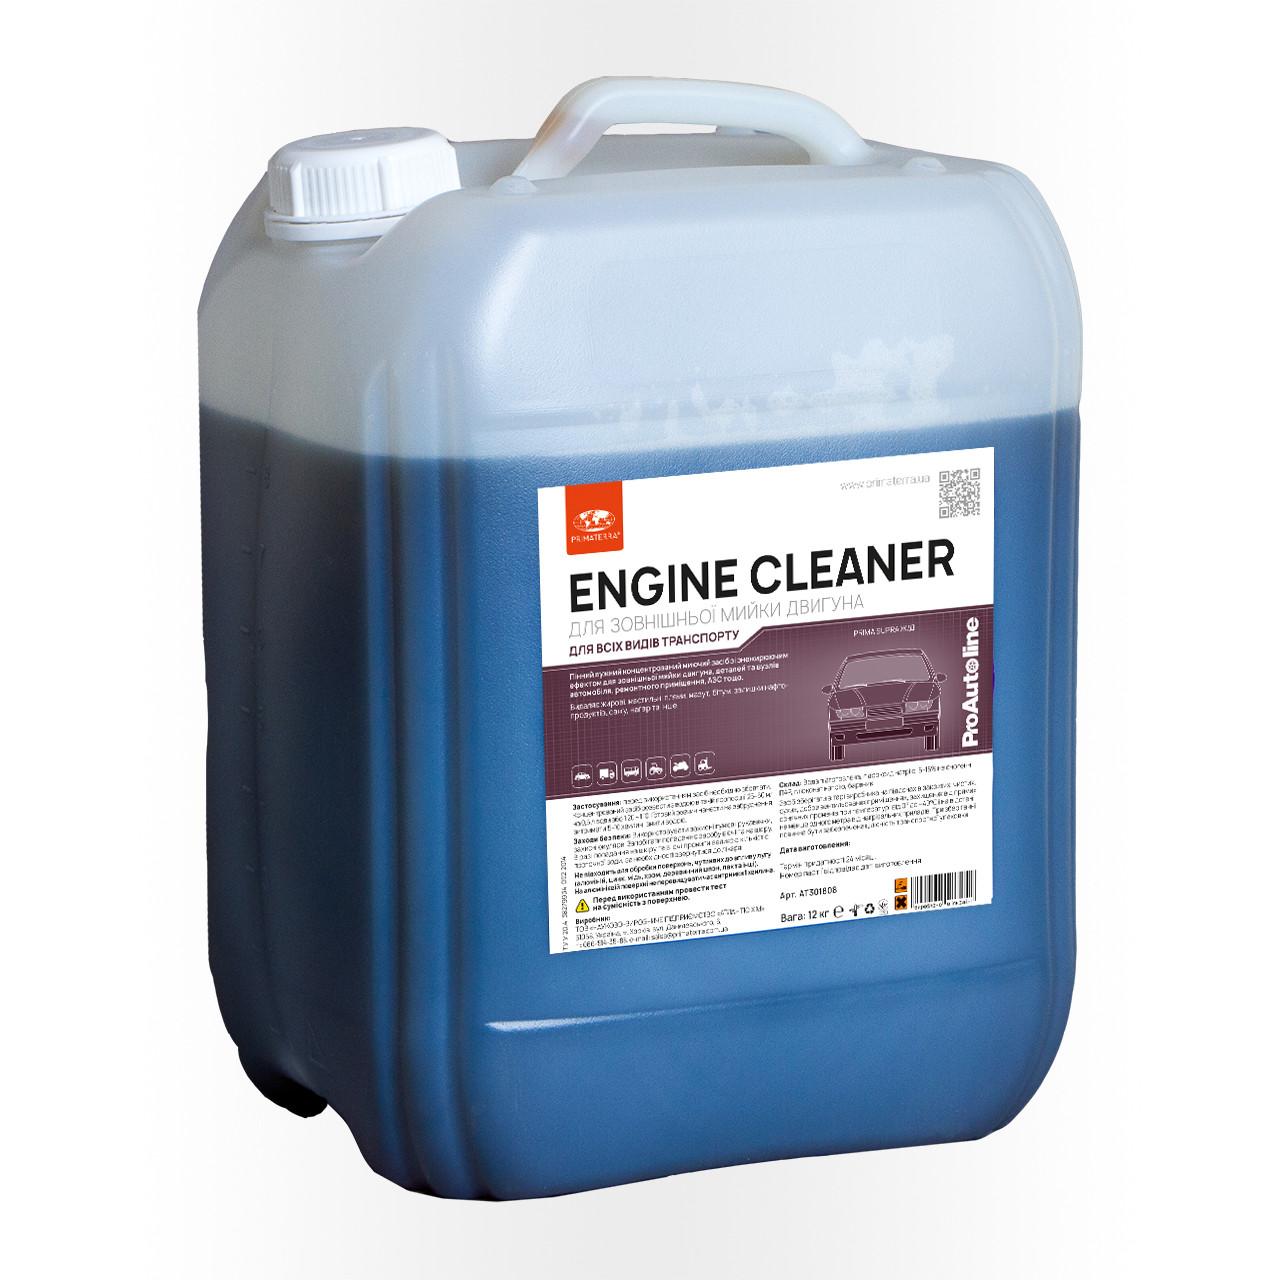 Очиститель двигателя, концентрат (12 кг)